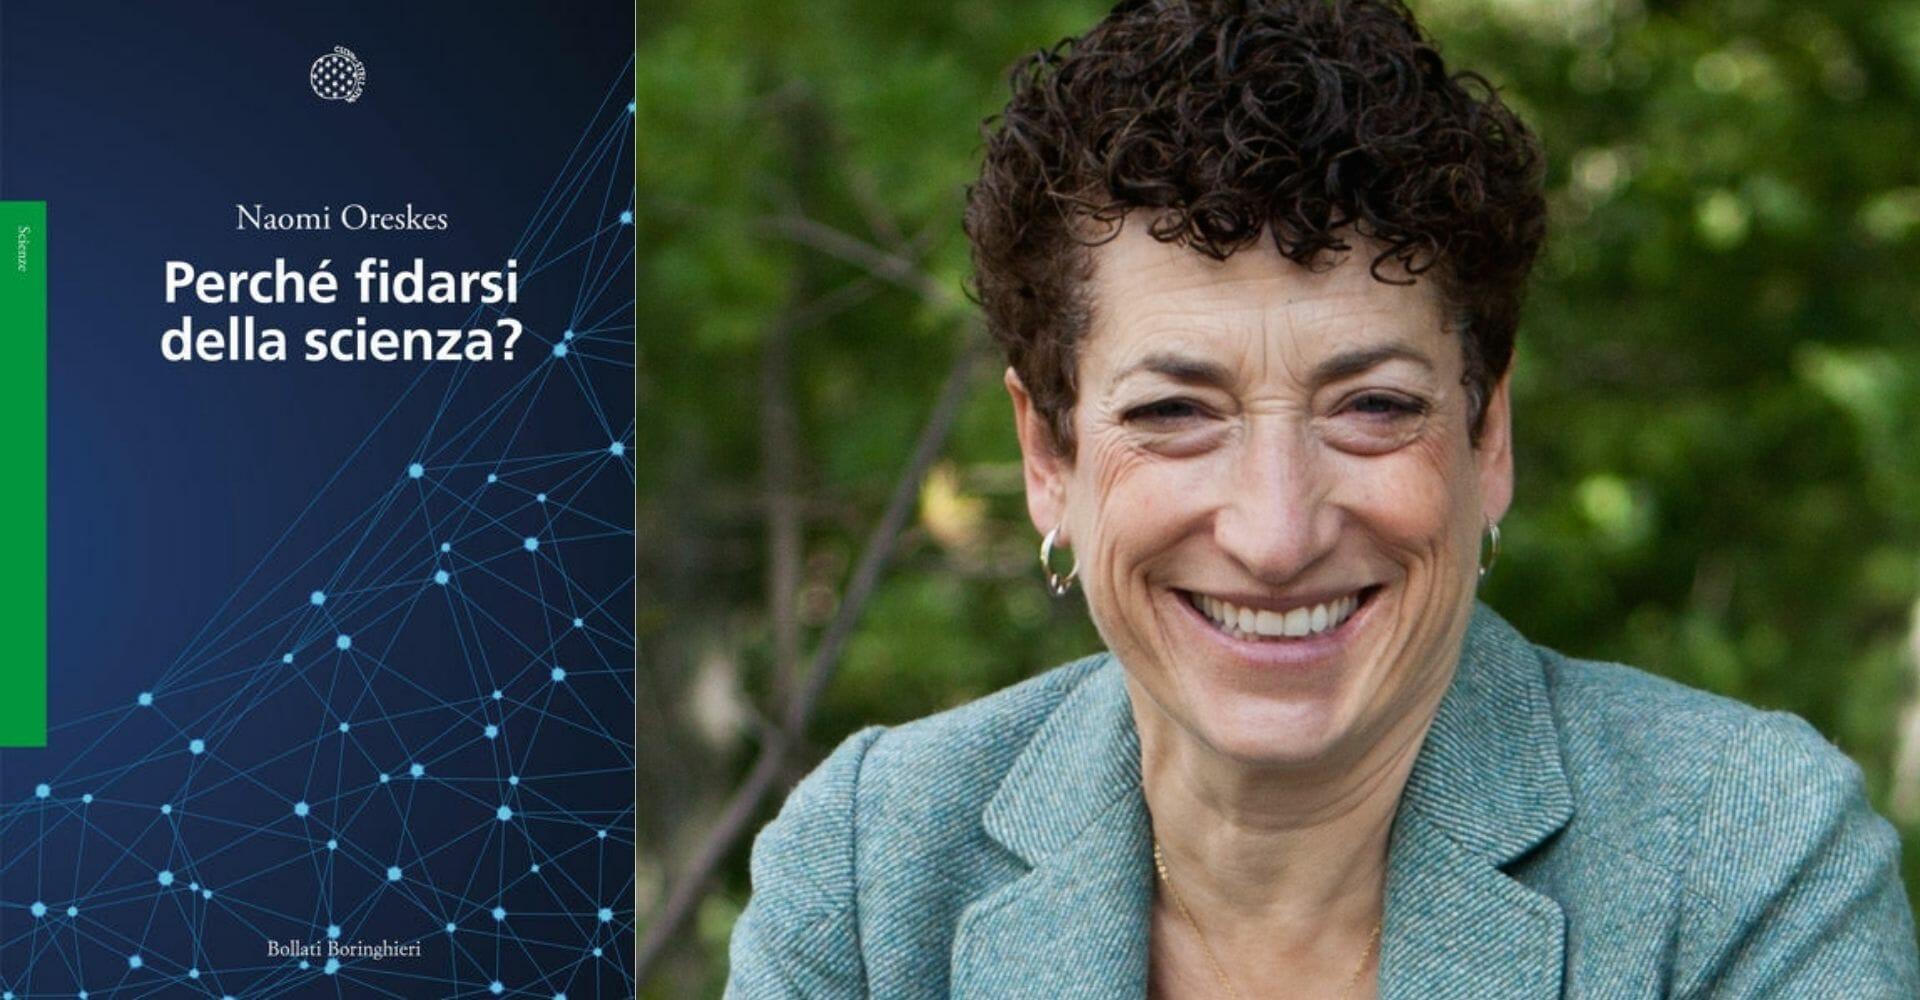 Perché fidarsi della scienza? La risposta (semplice) della storica Naomi Oreskes